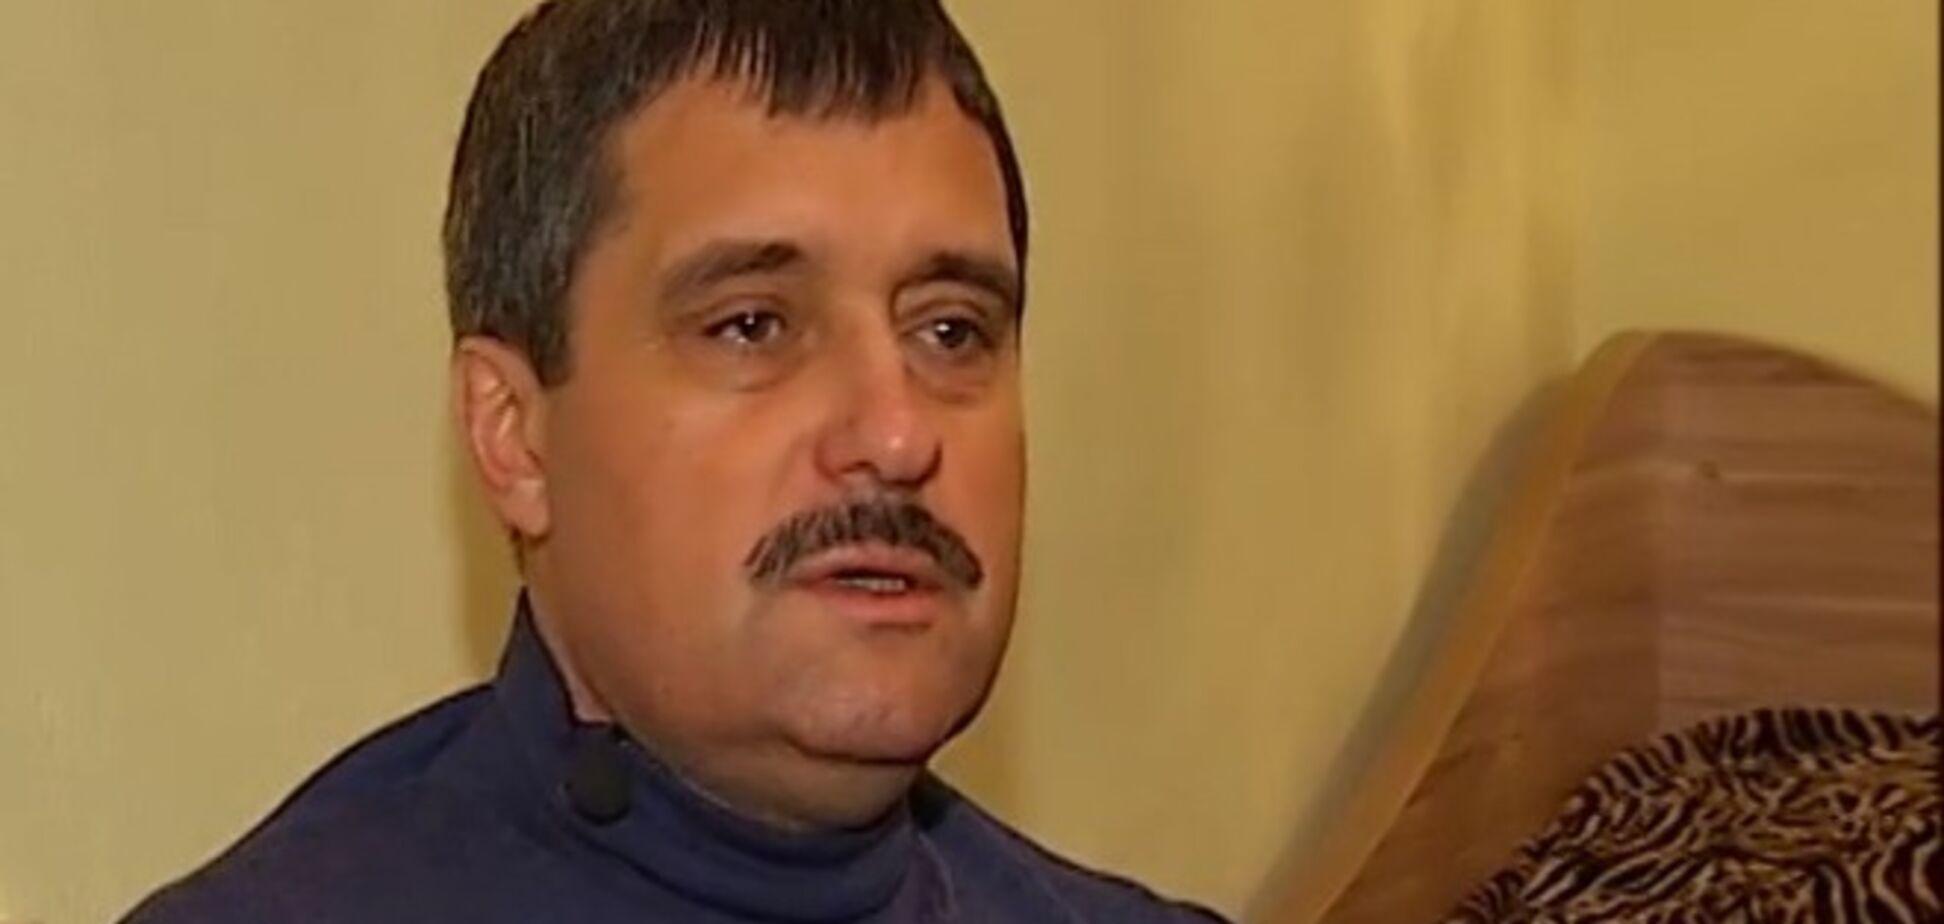 Подозреваемый по делу о гибели 49 военных в ИЛ-76 генерал ВСУ заявляет об отсутствии доказательств его вины